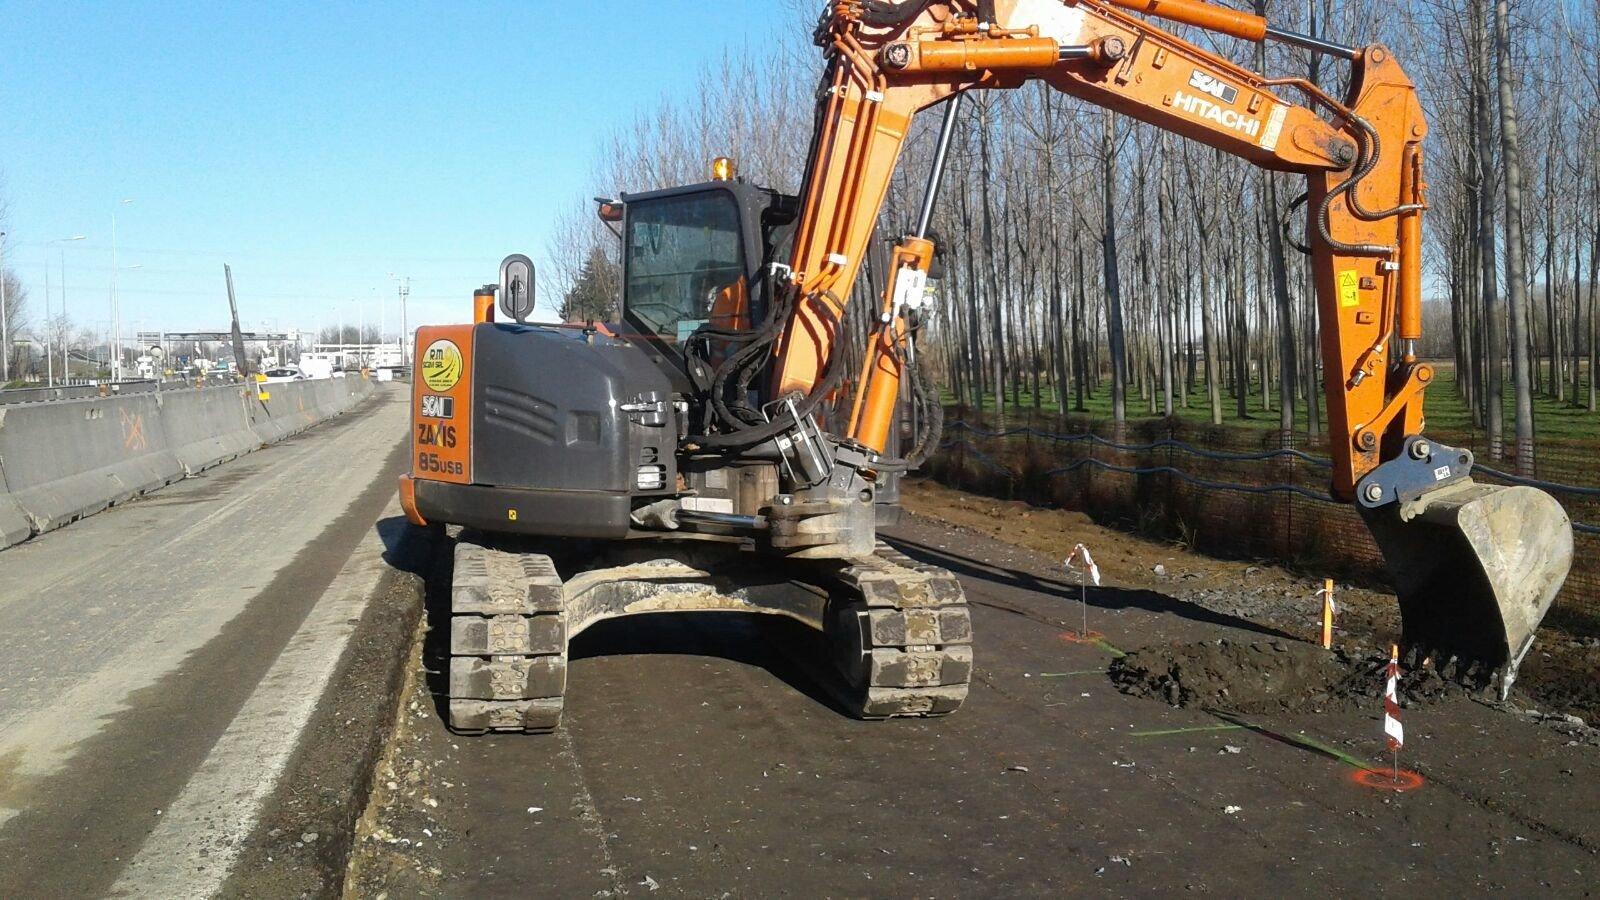 operaio sta scavando con una  gru sul ciglio della strada